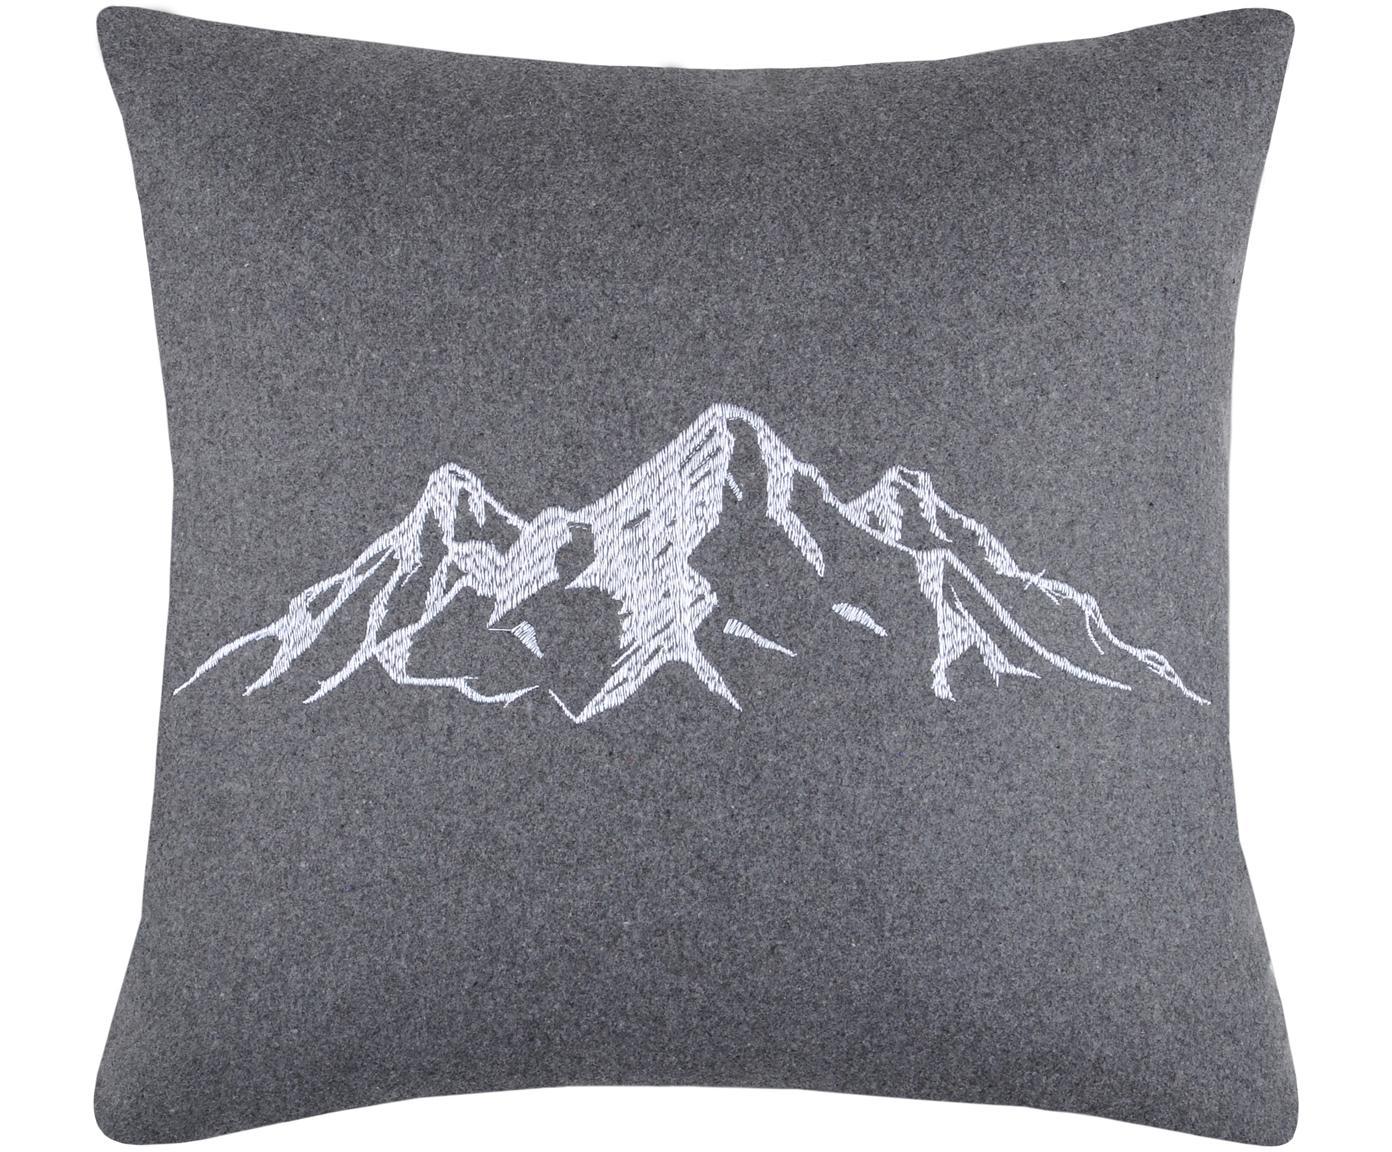 Kissen Charvin mit Bergmotiv, mit Inlett, Bezug: 95% Polyester, 5% Wolle, Grau, 45 x 45 cm